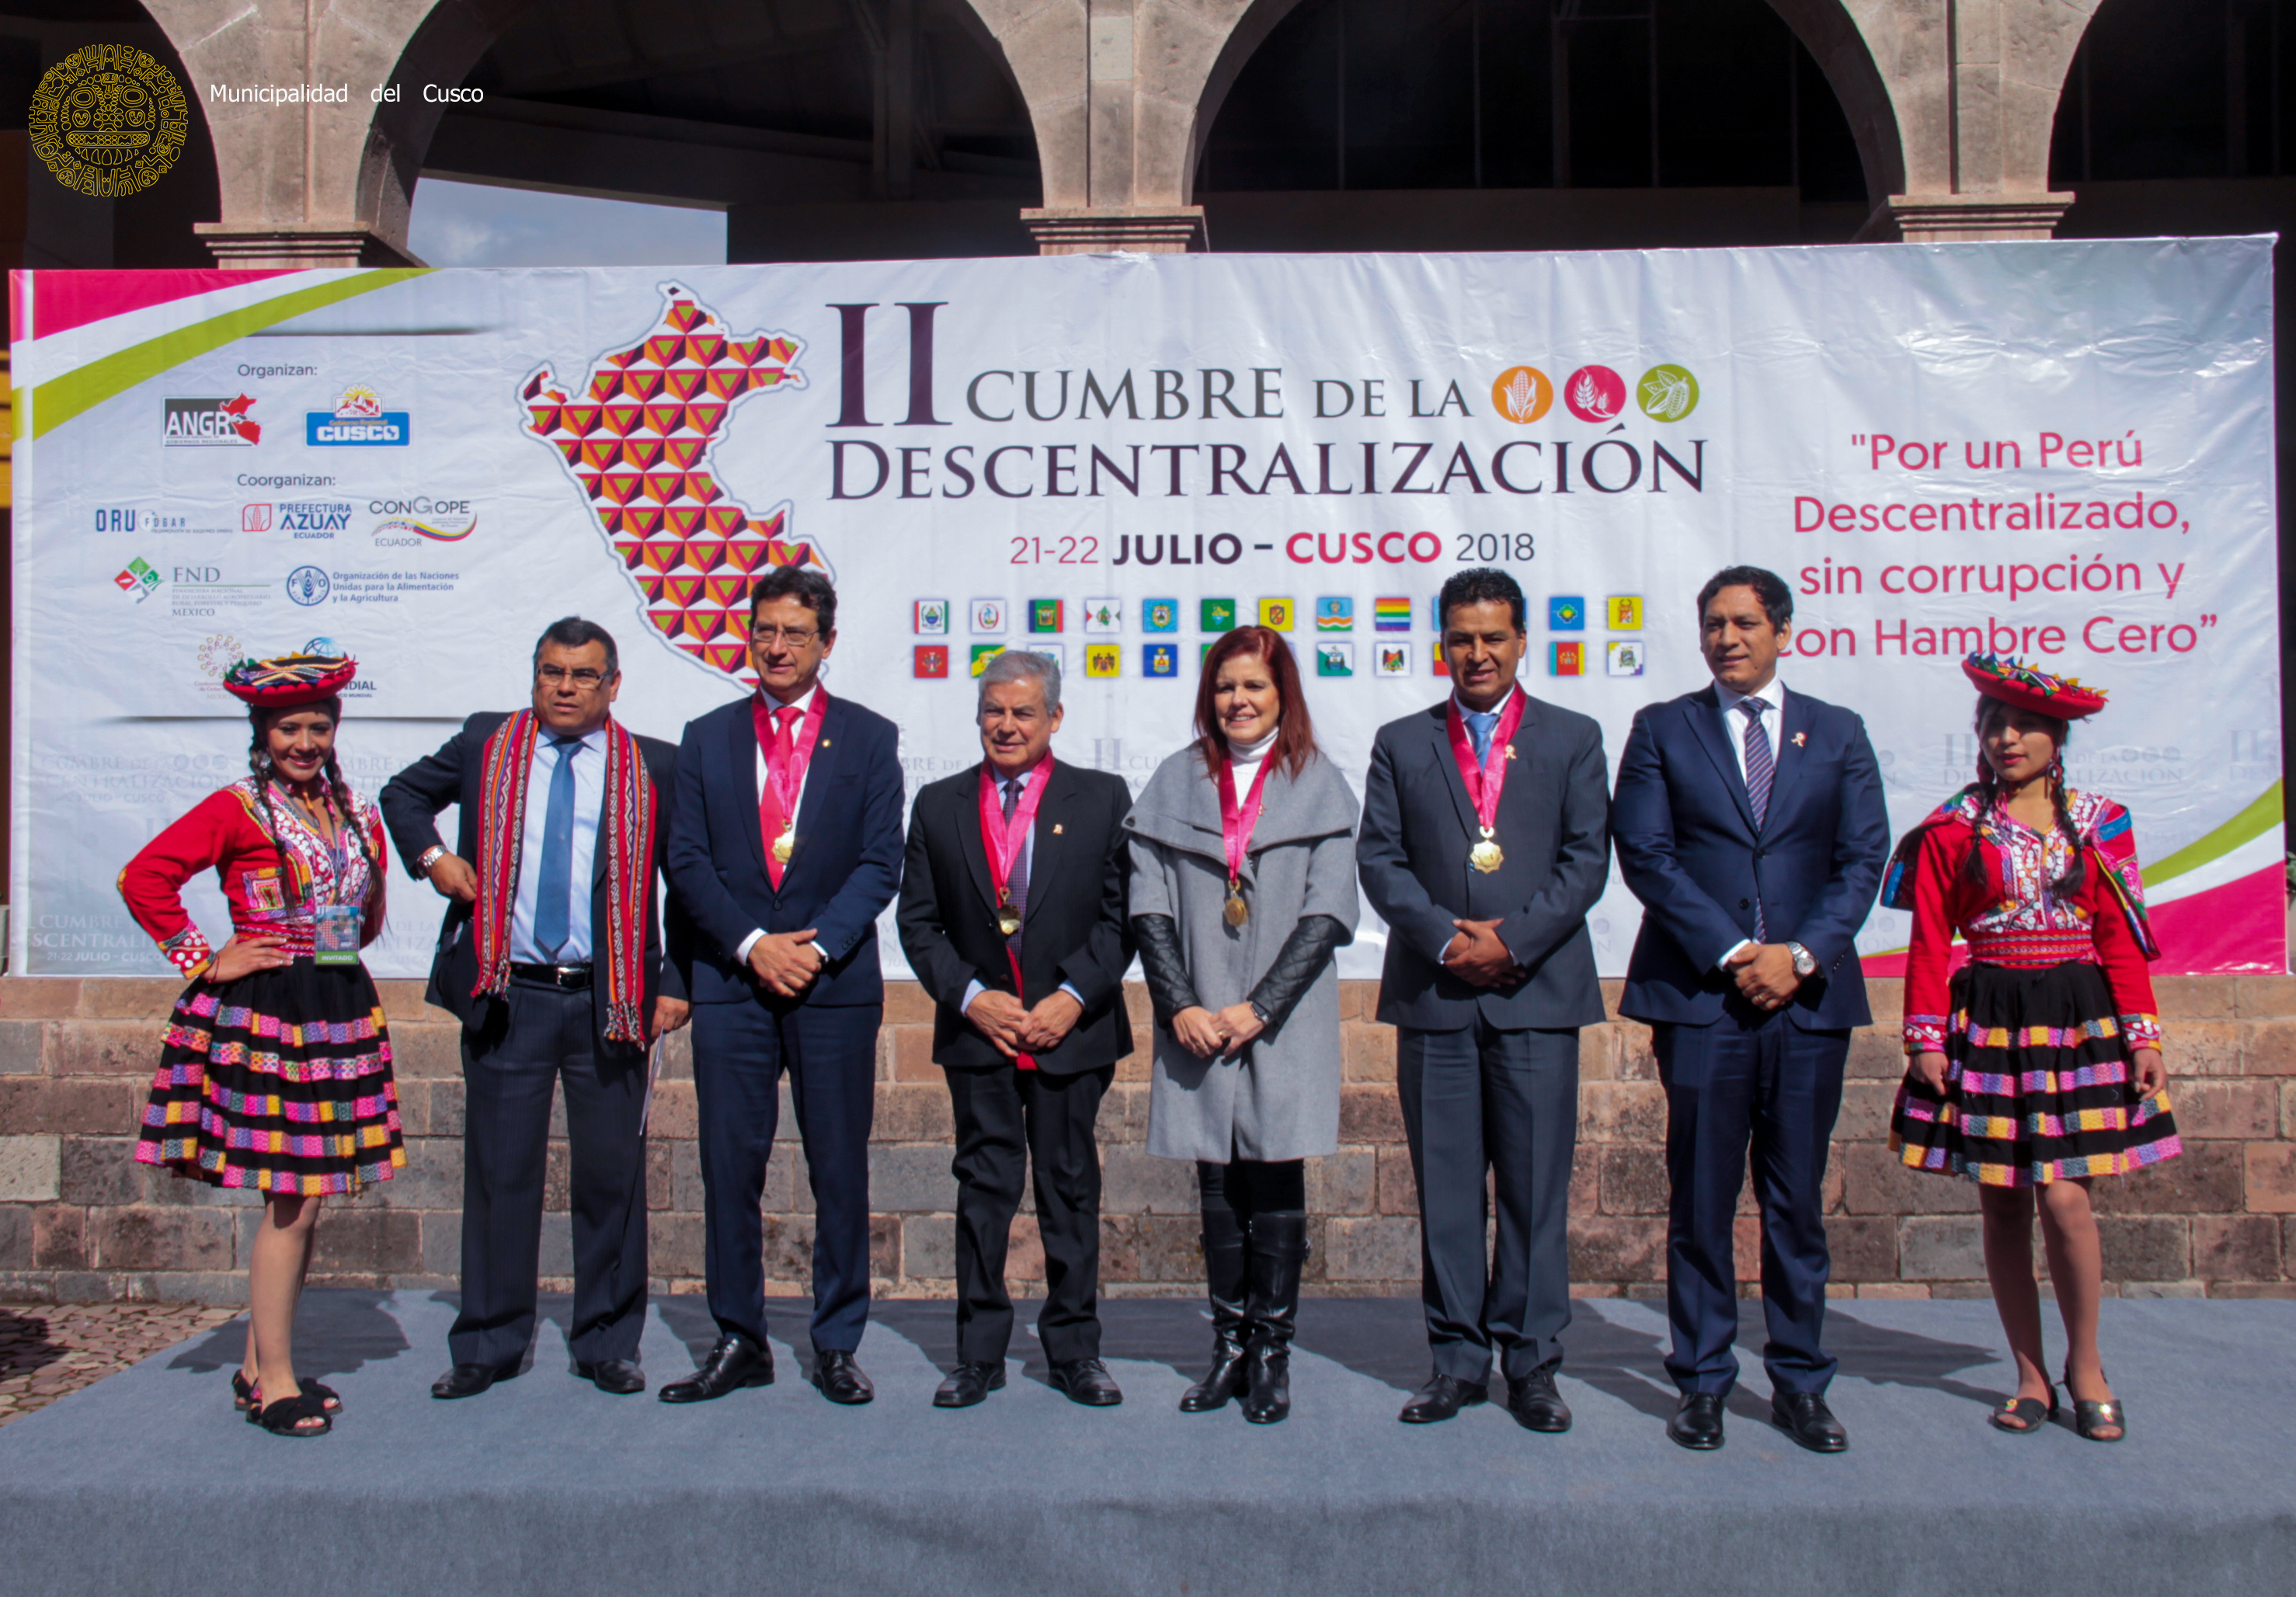 ALCALDE DEL CUSCO  PARTICIPA   EN SEGUNDA CUMBRE  DE DESCENTRALIZACIÓN  EN LA CIUDAD IMPERIAL.